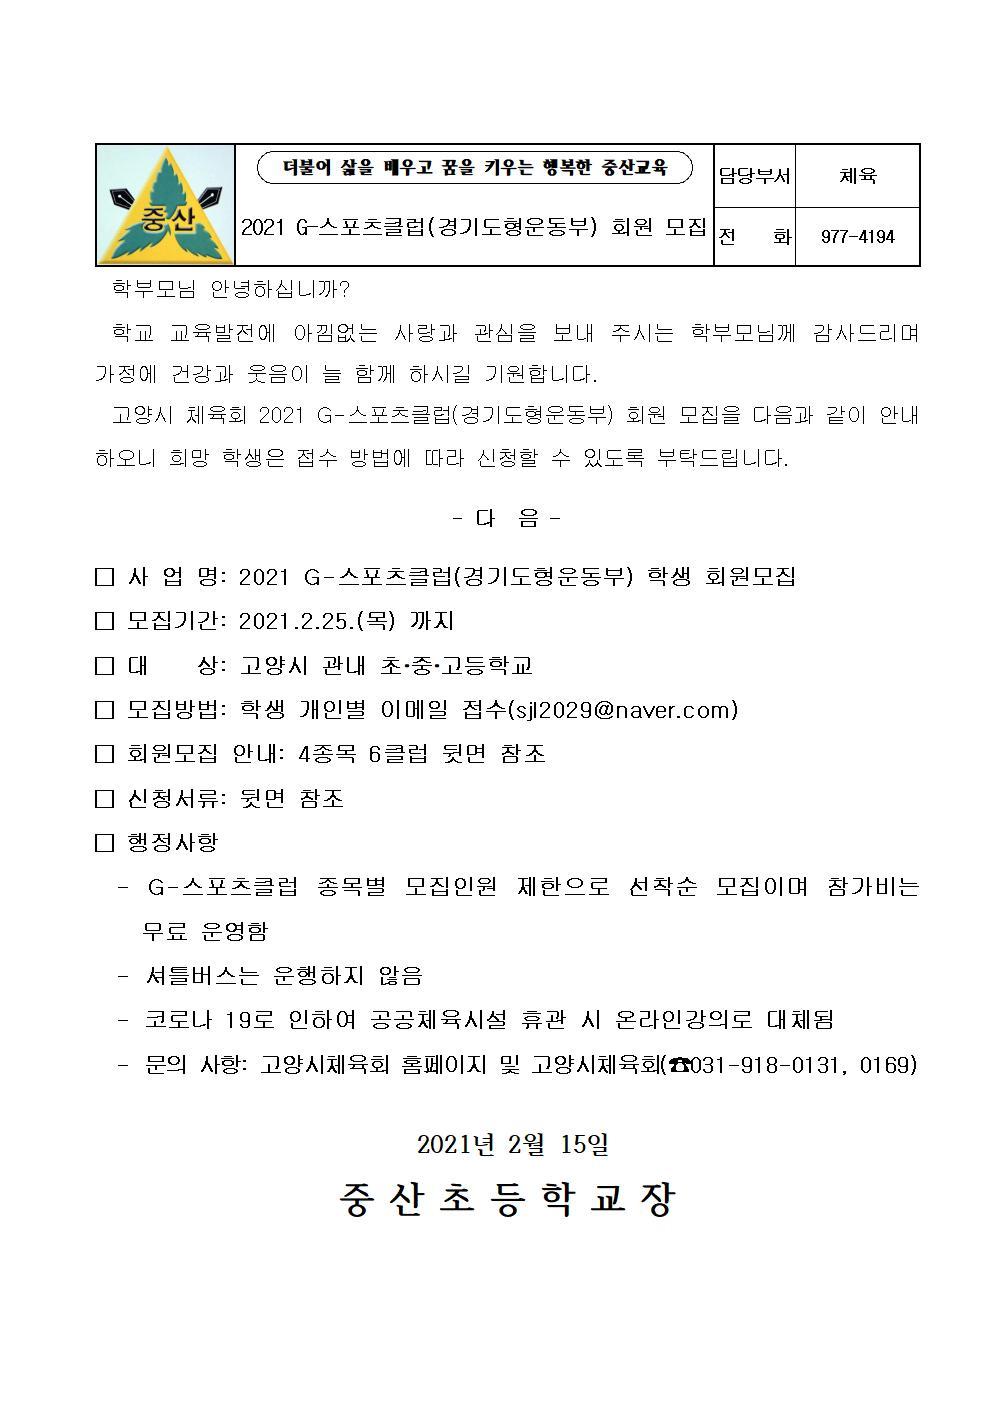 [일반] 2021 G-스포츠클럽(경기도형운동부) 회원 모집의 첨부이미지 1